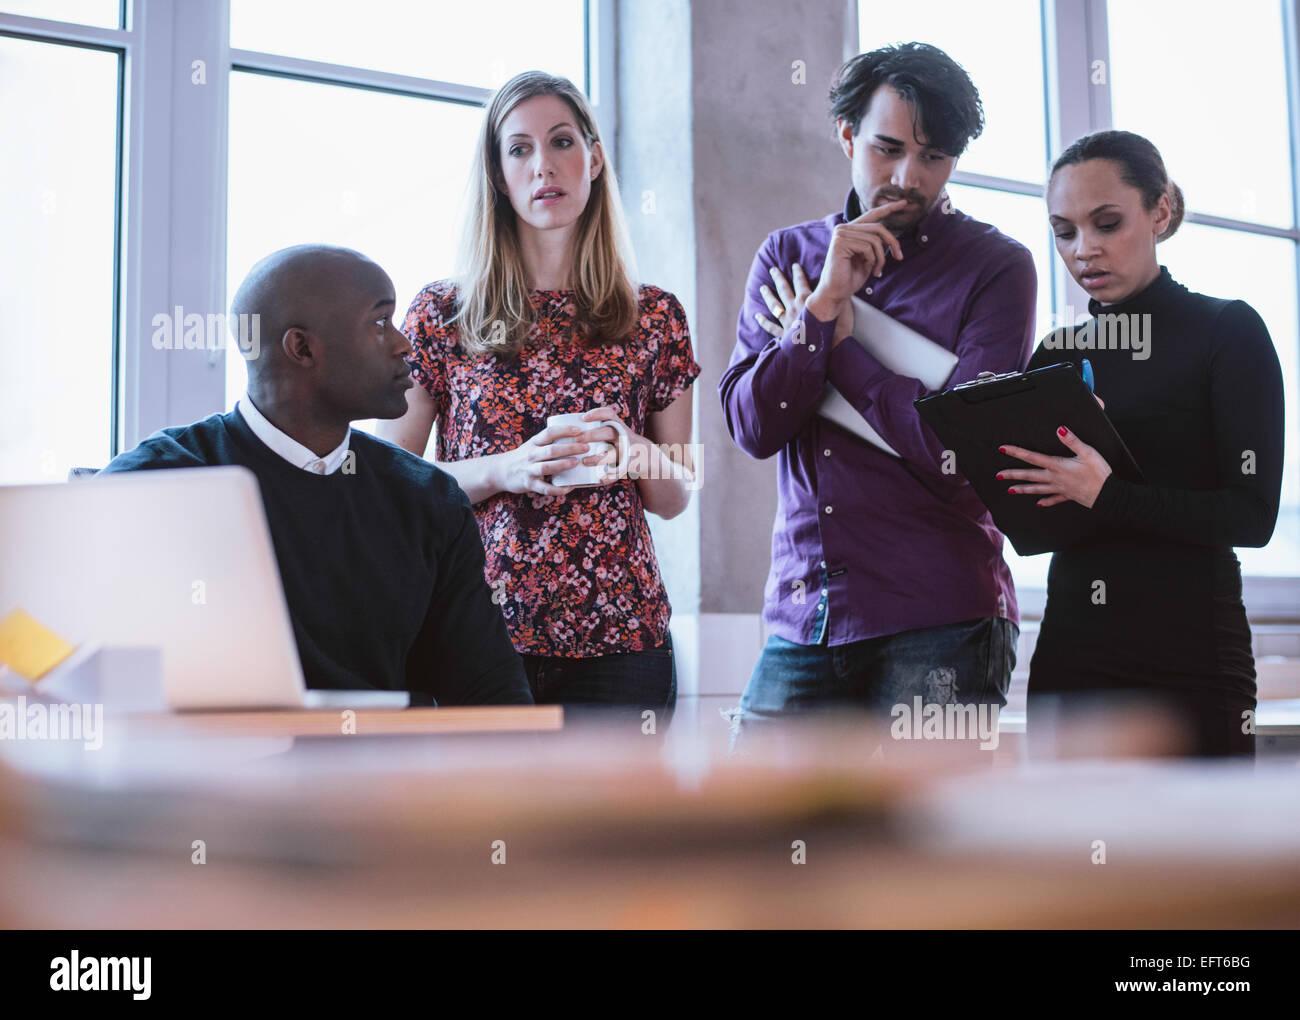 Groupe de travail cadres ethniques sur un projet. Les gens d'affaires l'analyse statistique. Photo Stock